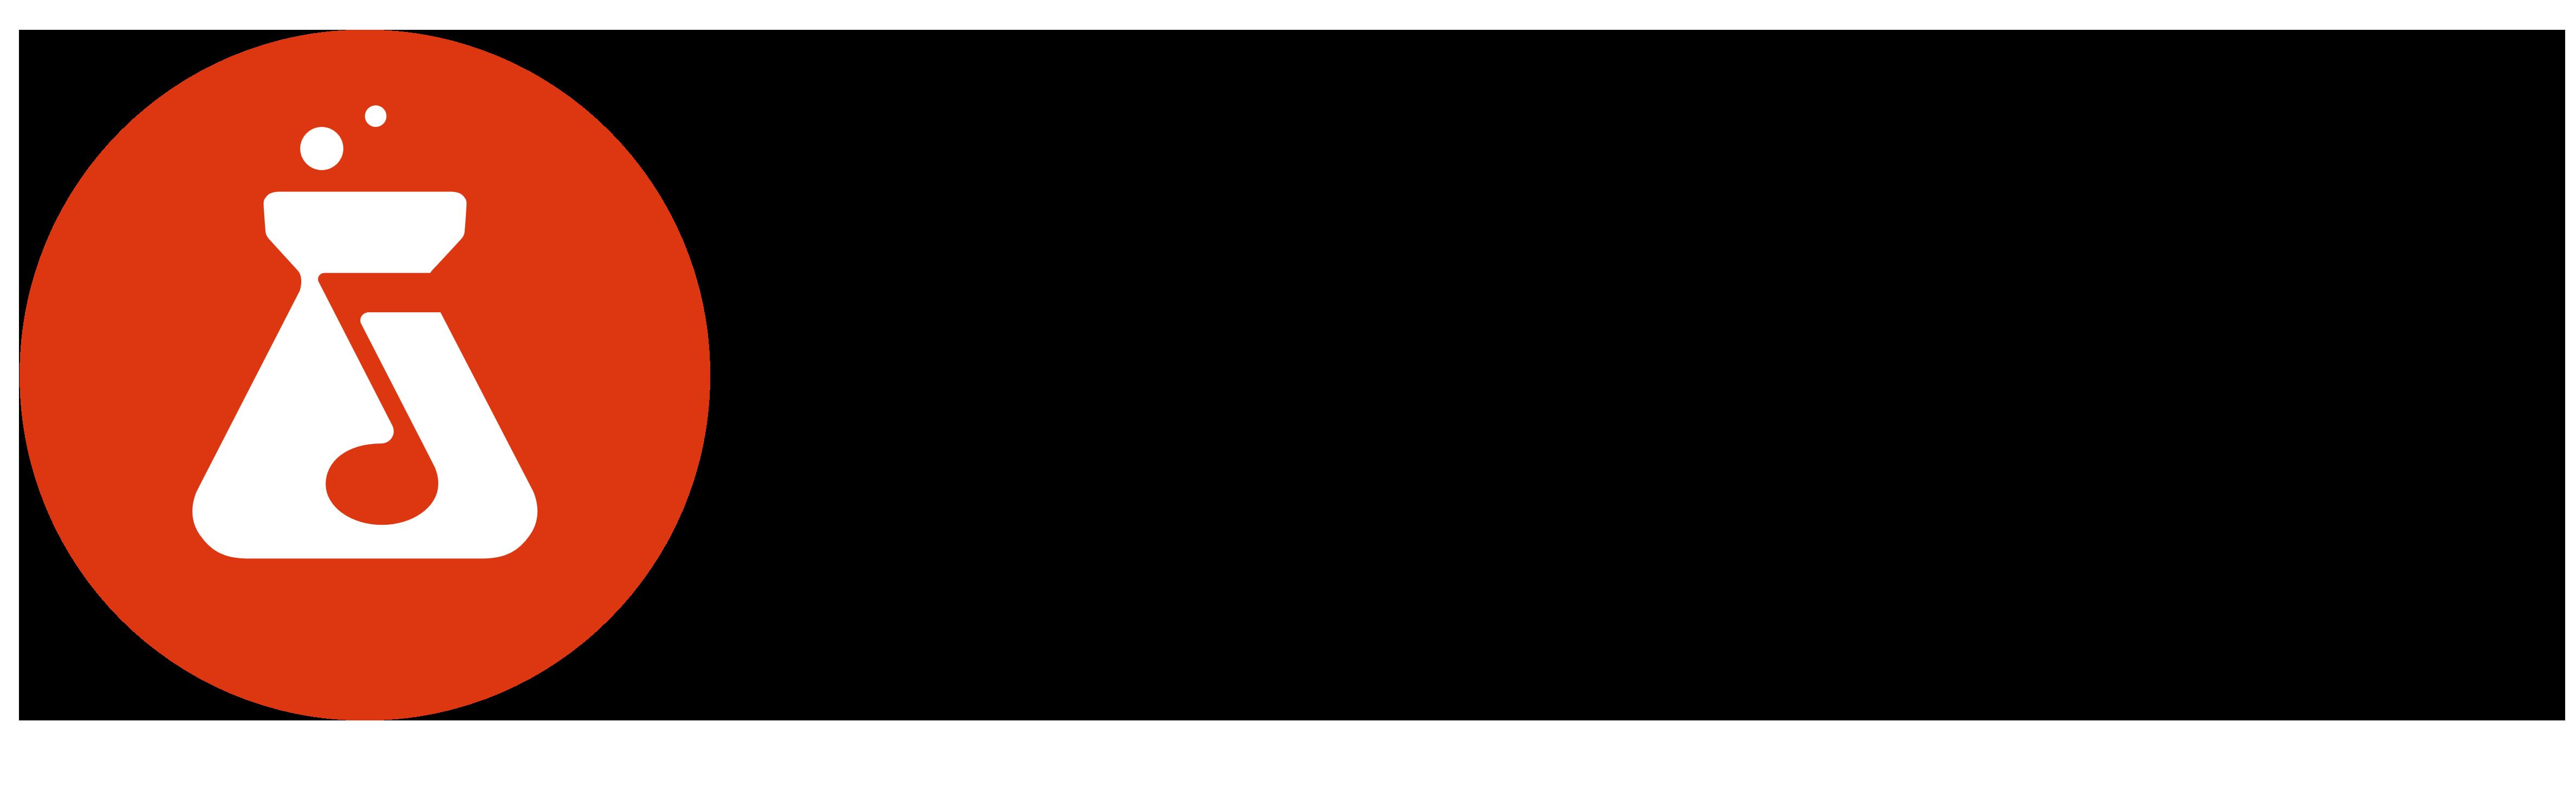 BandLab_logo_logotype.png